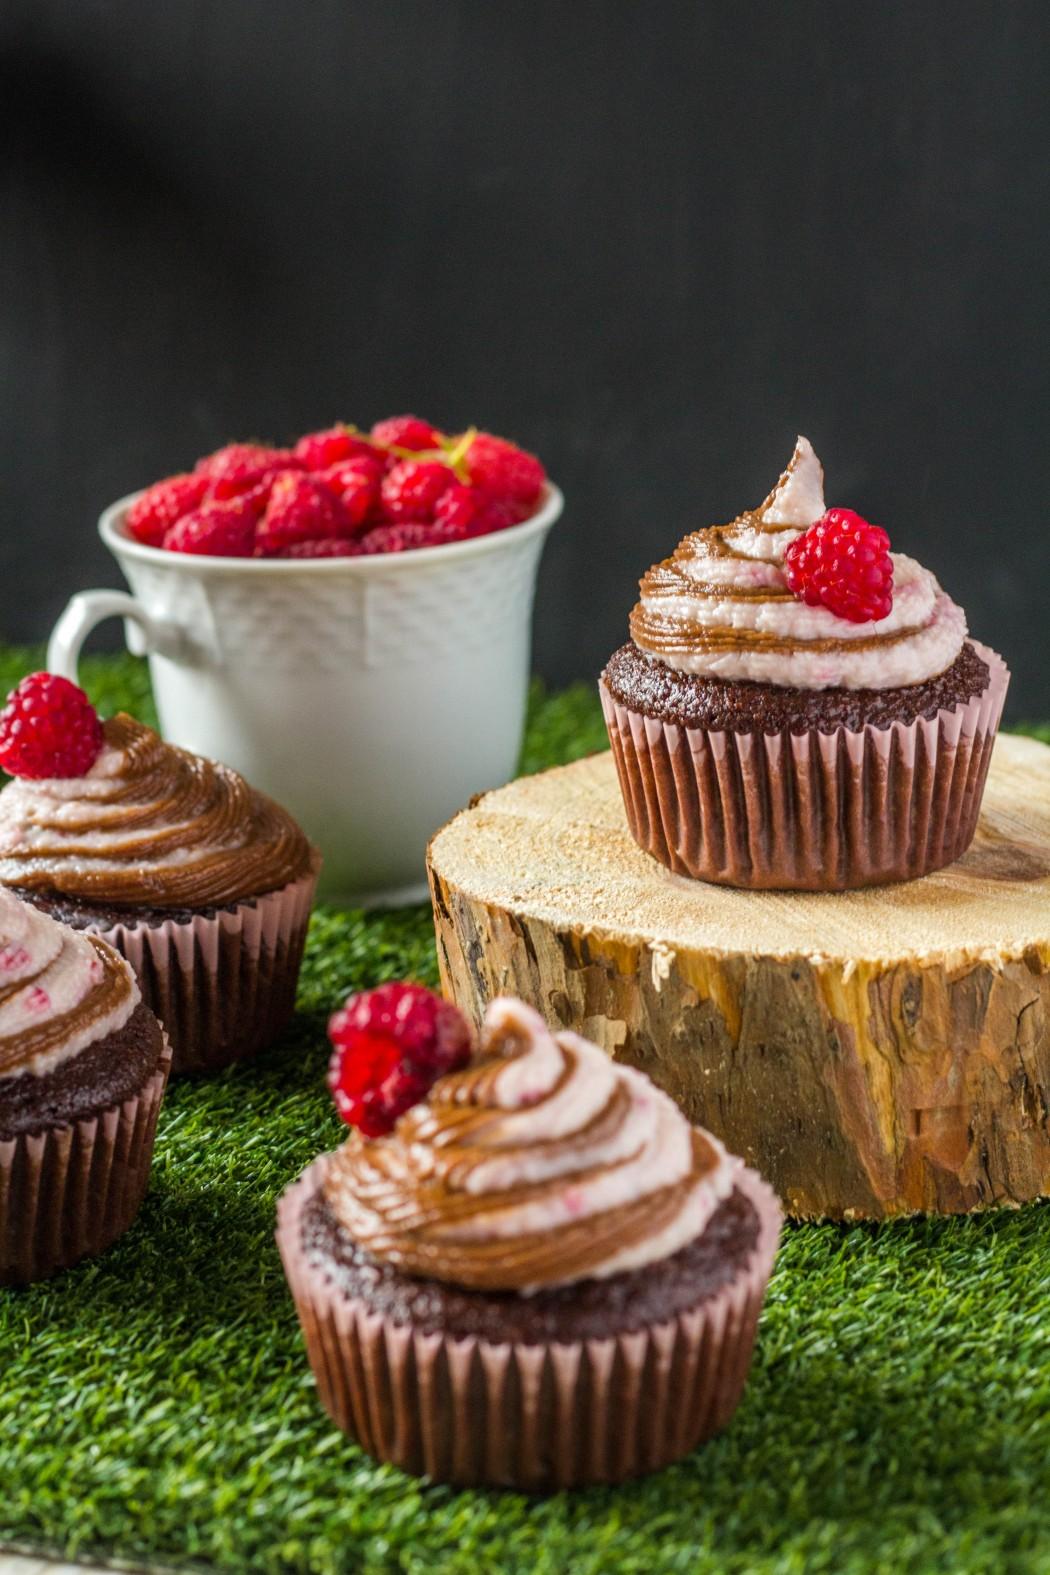 dvojfarebné čokoládovo - malinové cupcakes